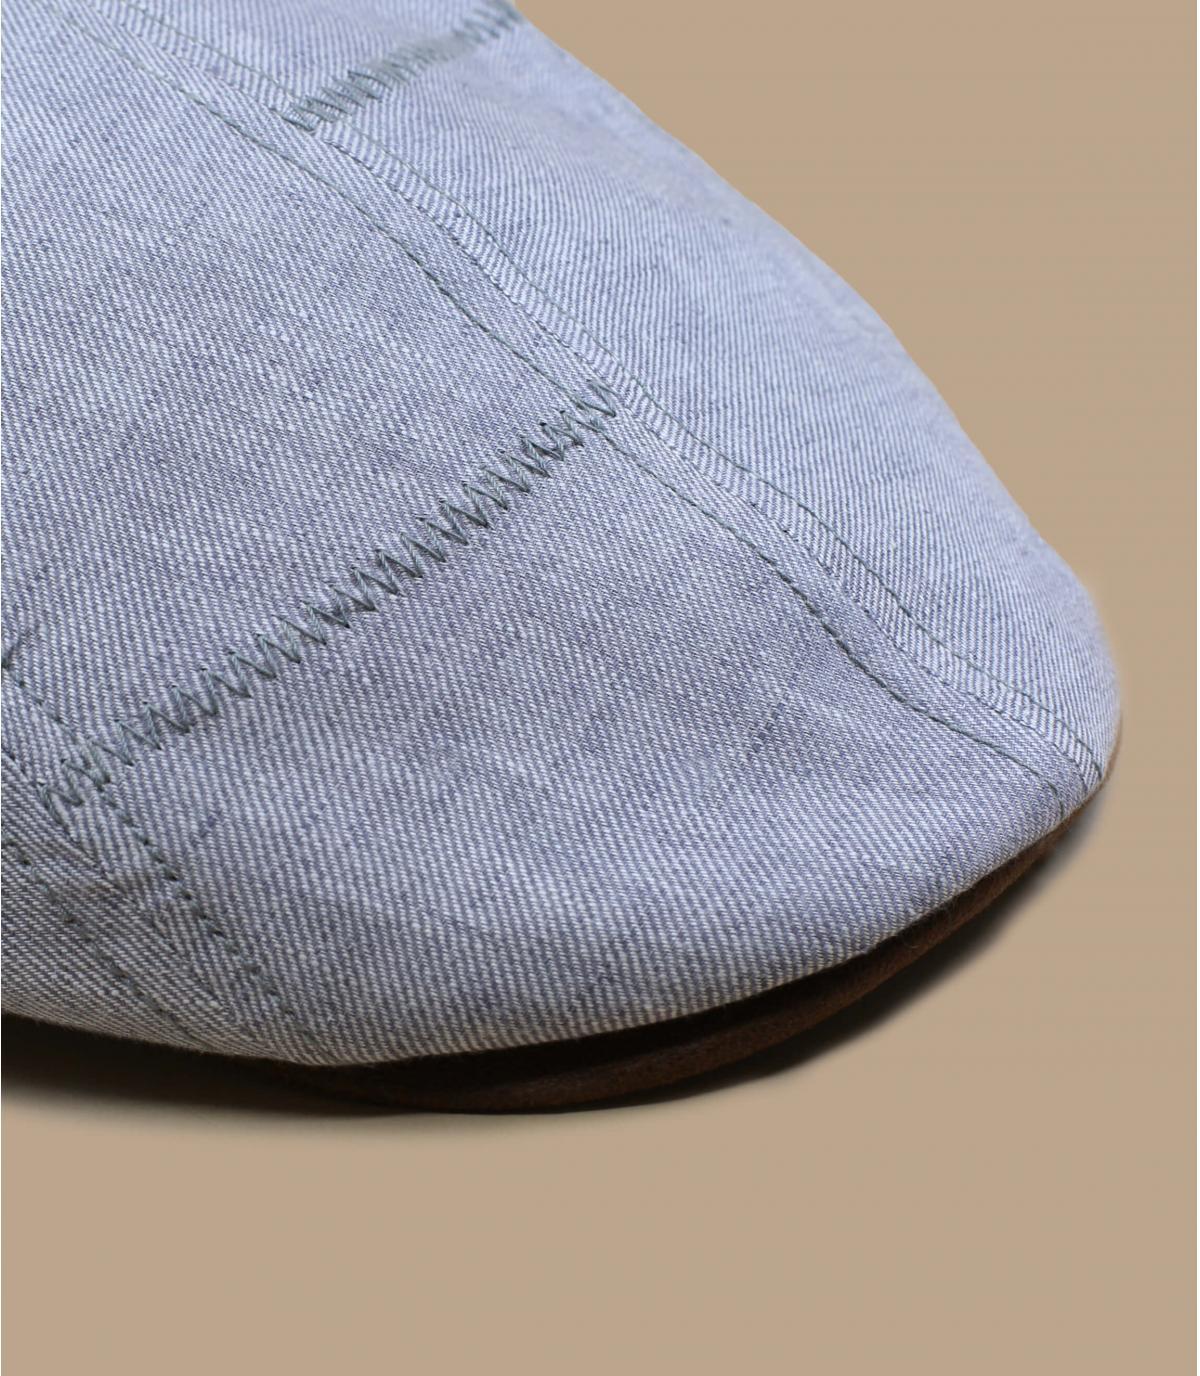 Dettagli Eden Linen grey - image 2